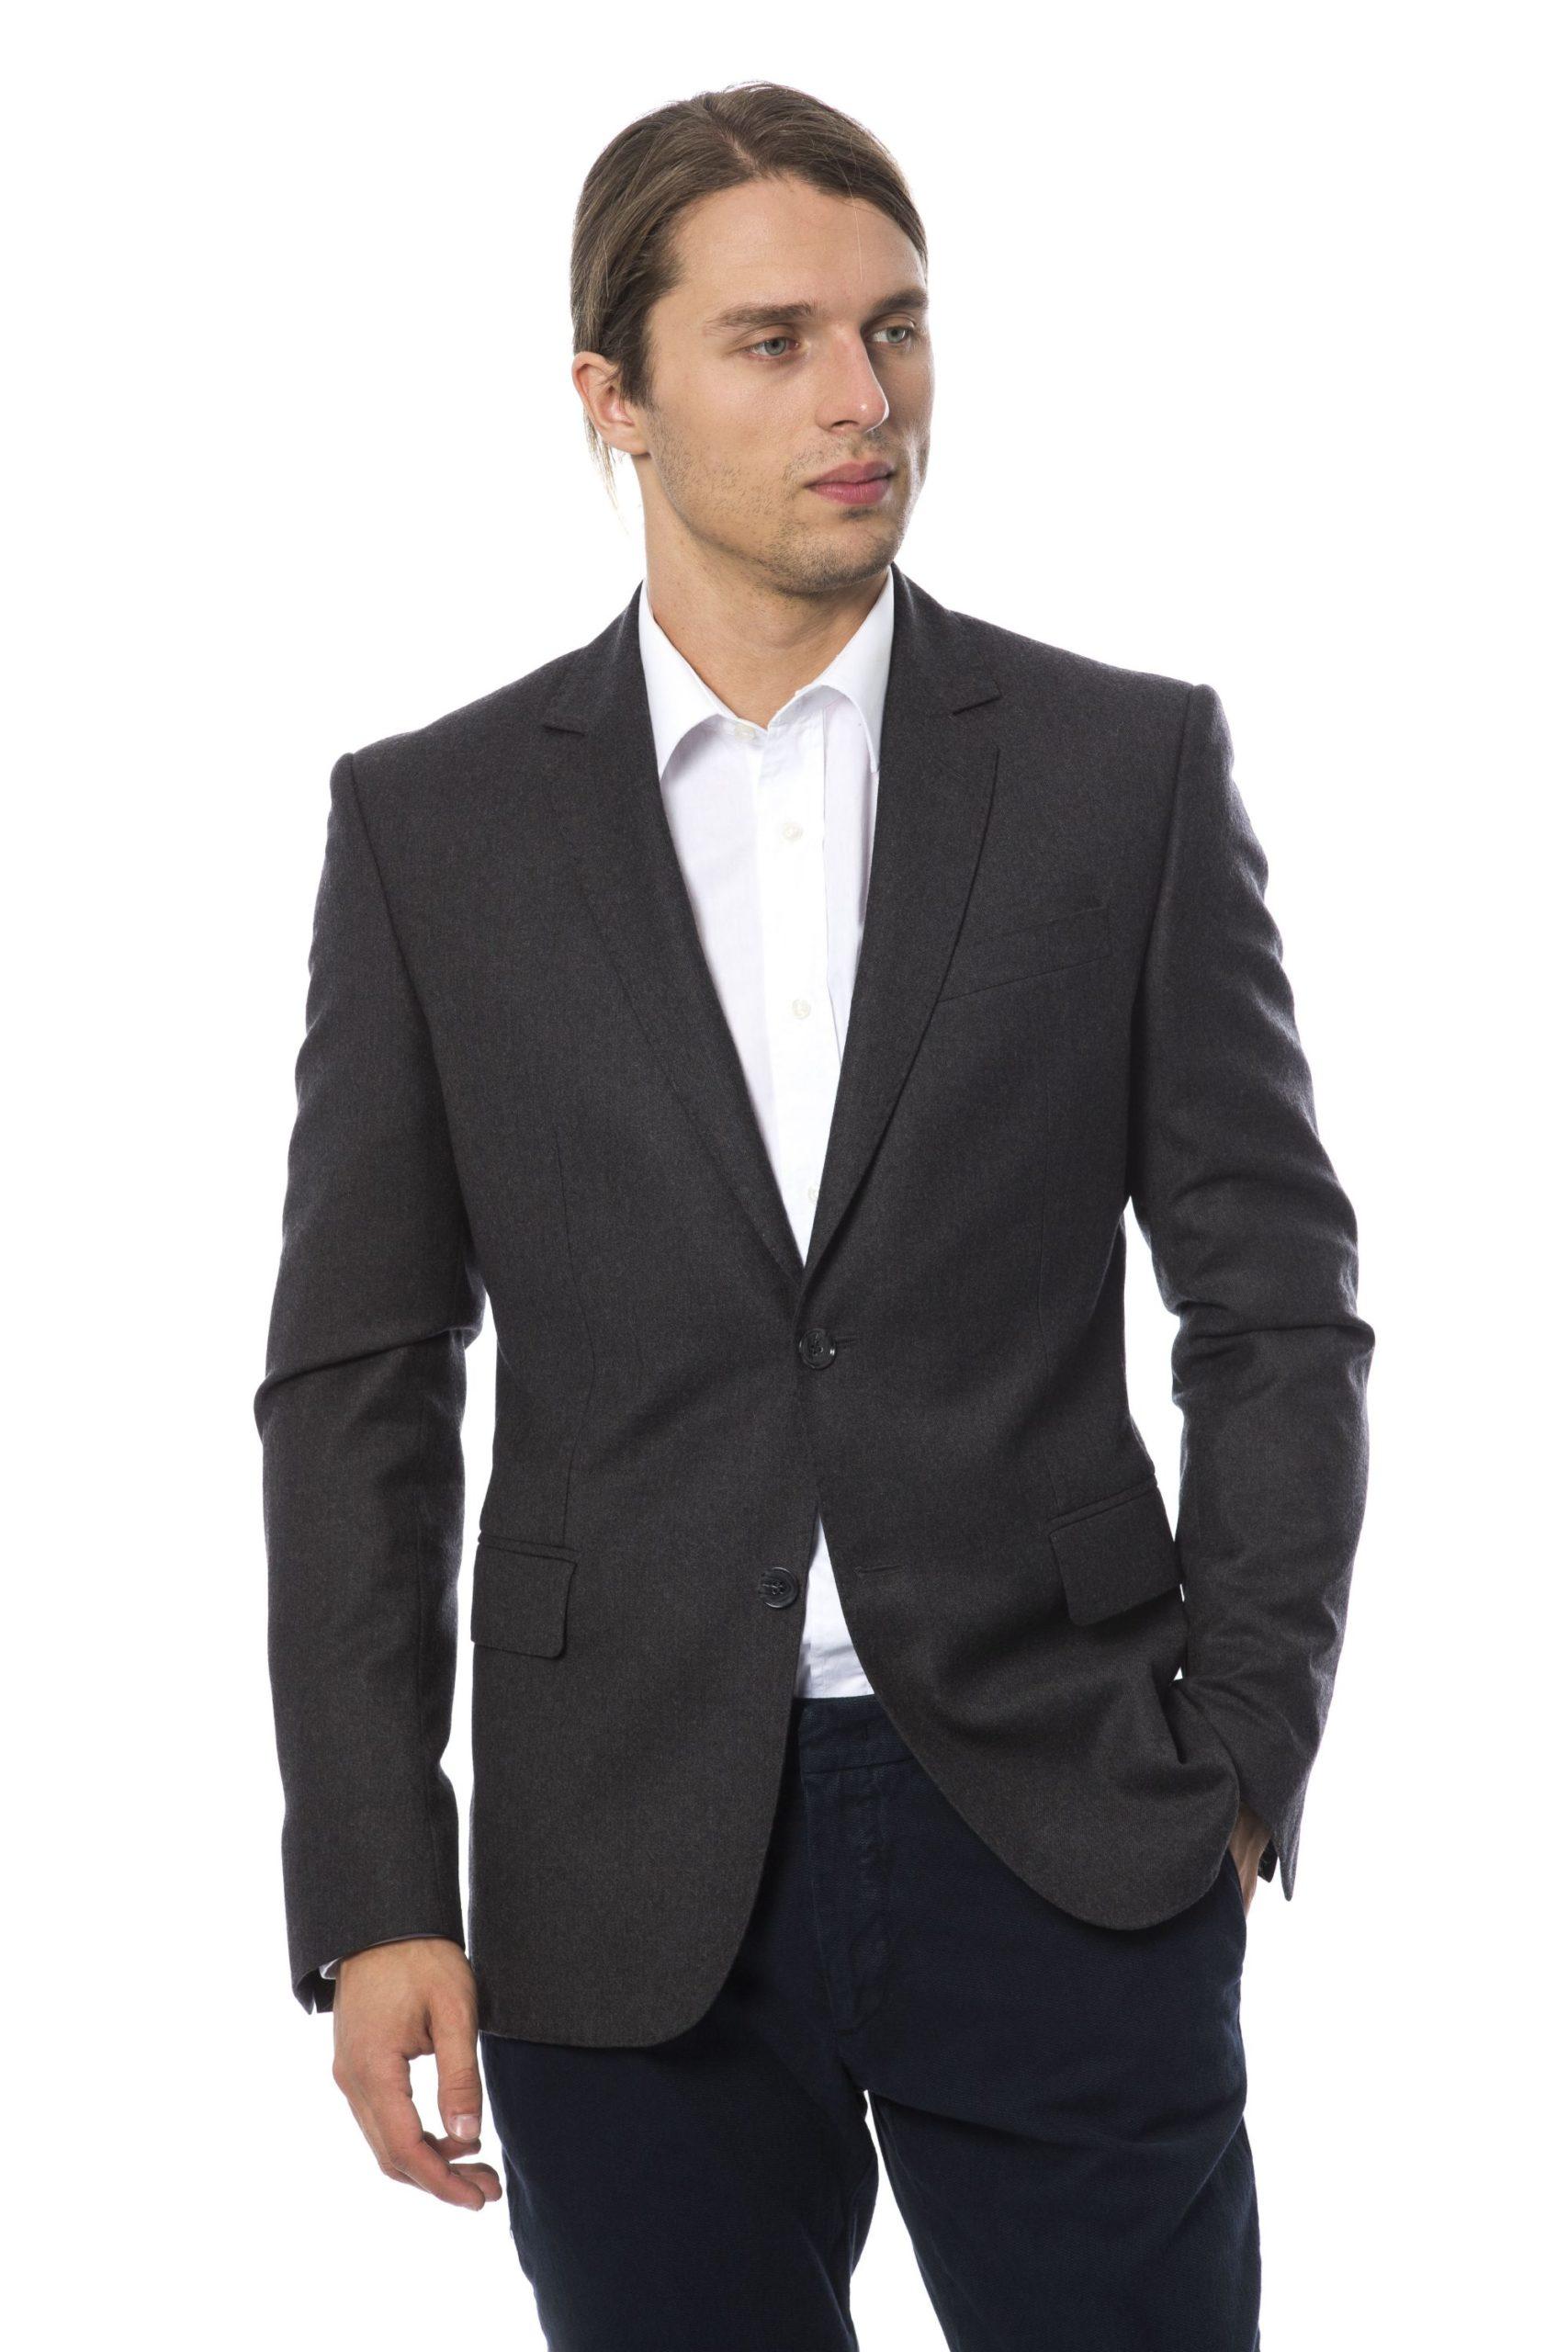 Verri Men's Vgrigiochiaro Blazer Gray VE995272 - IT48 | M